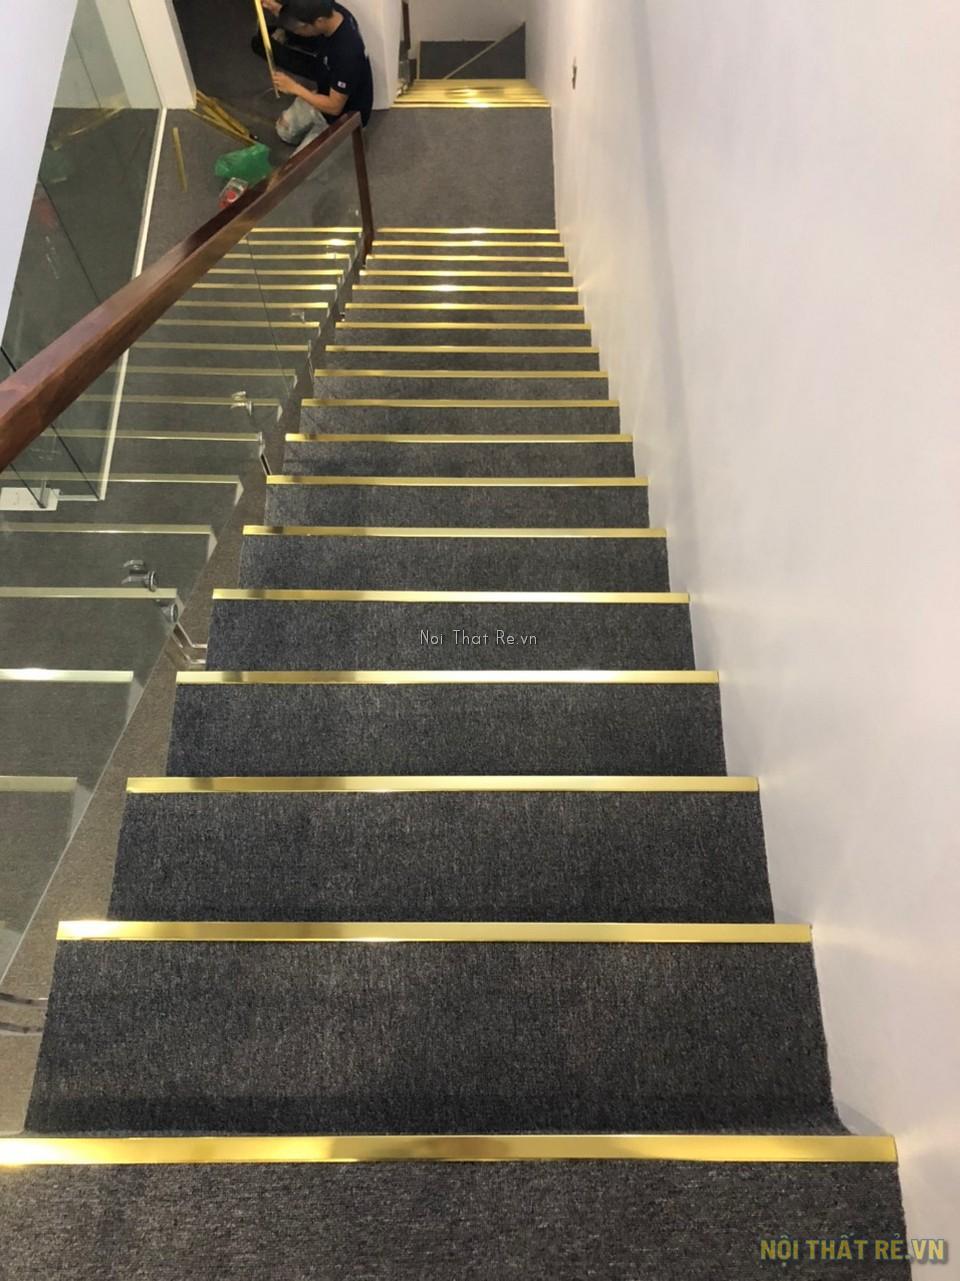 trải thảm ở cầu thang sử dụng nép mép bằng inox